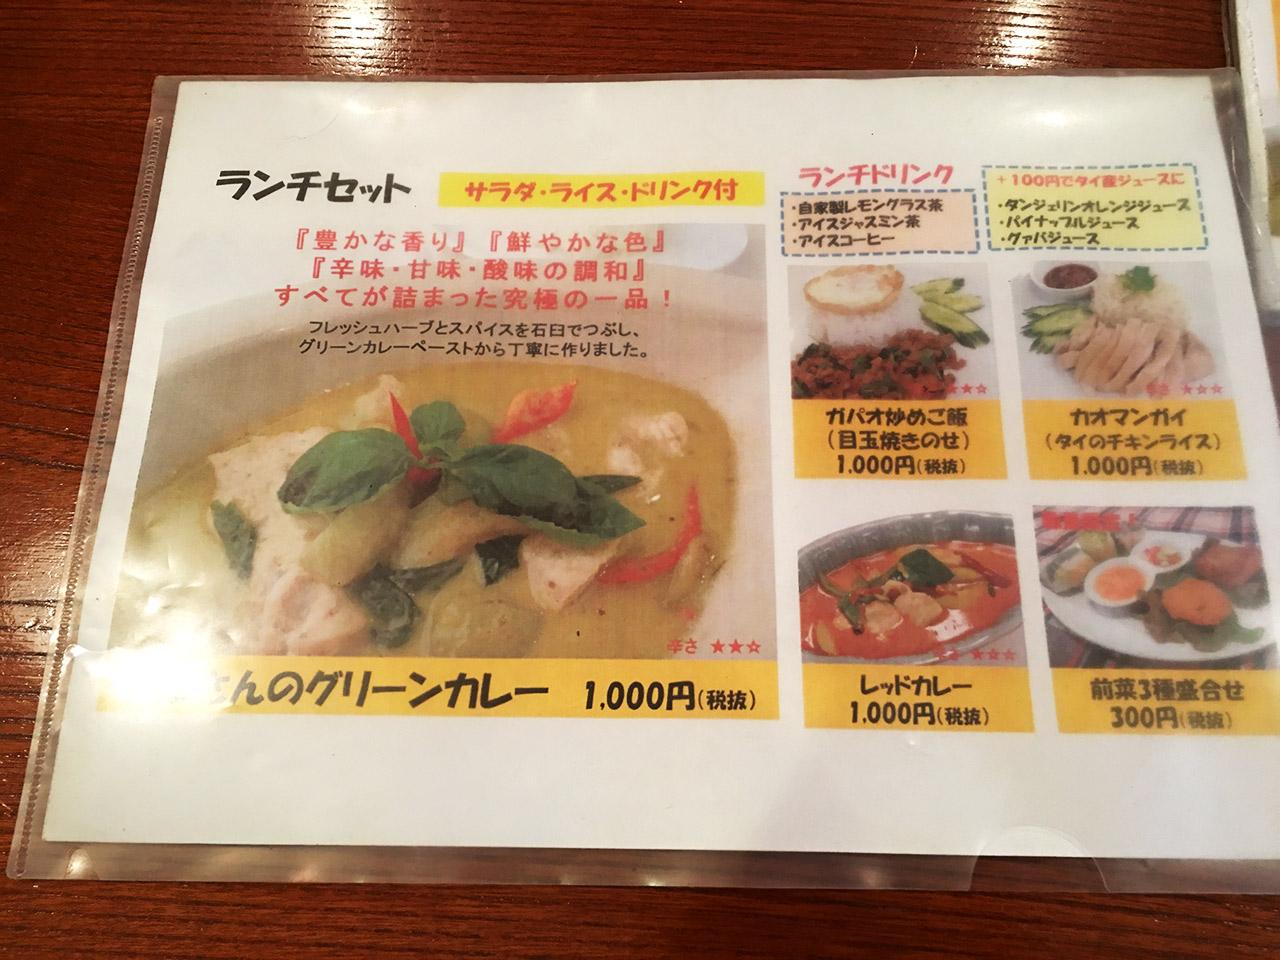 jiyugaoka-khruanaamphrik-menu